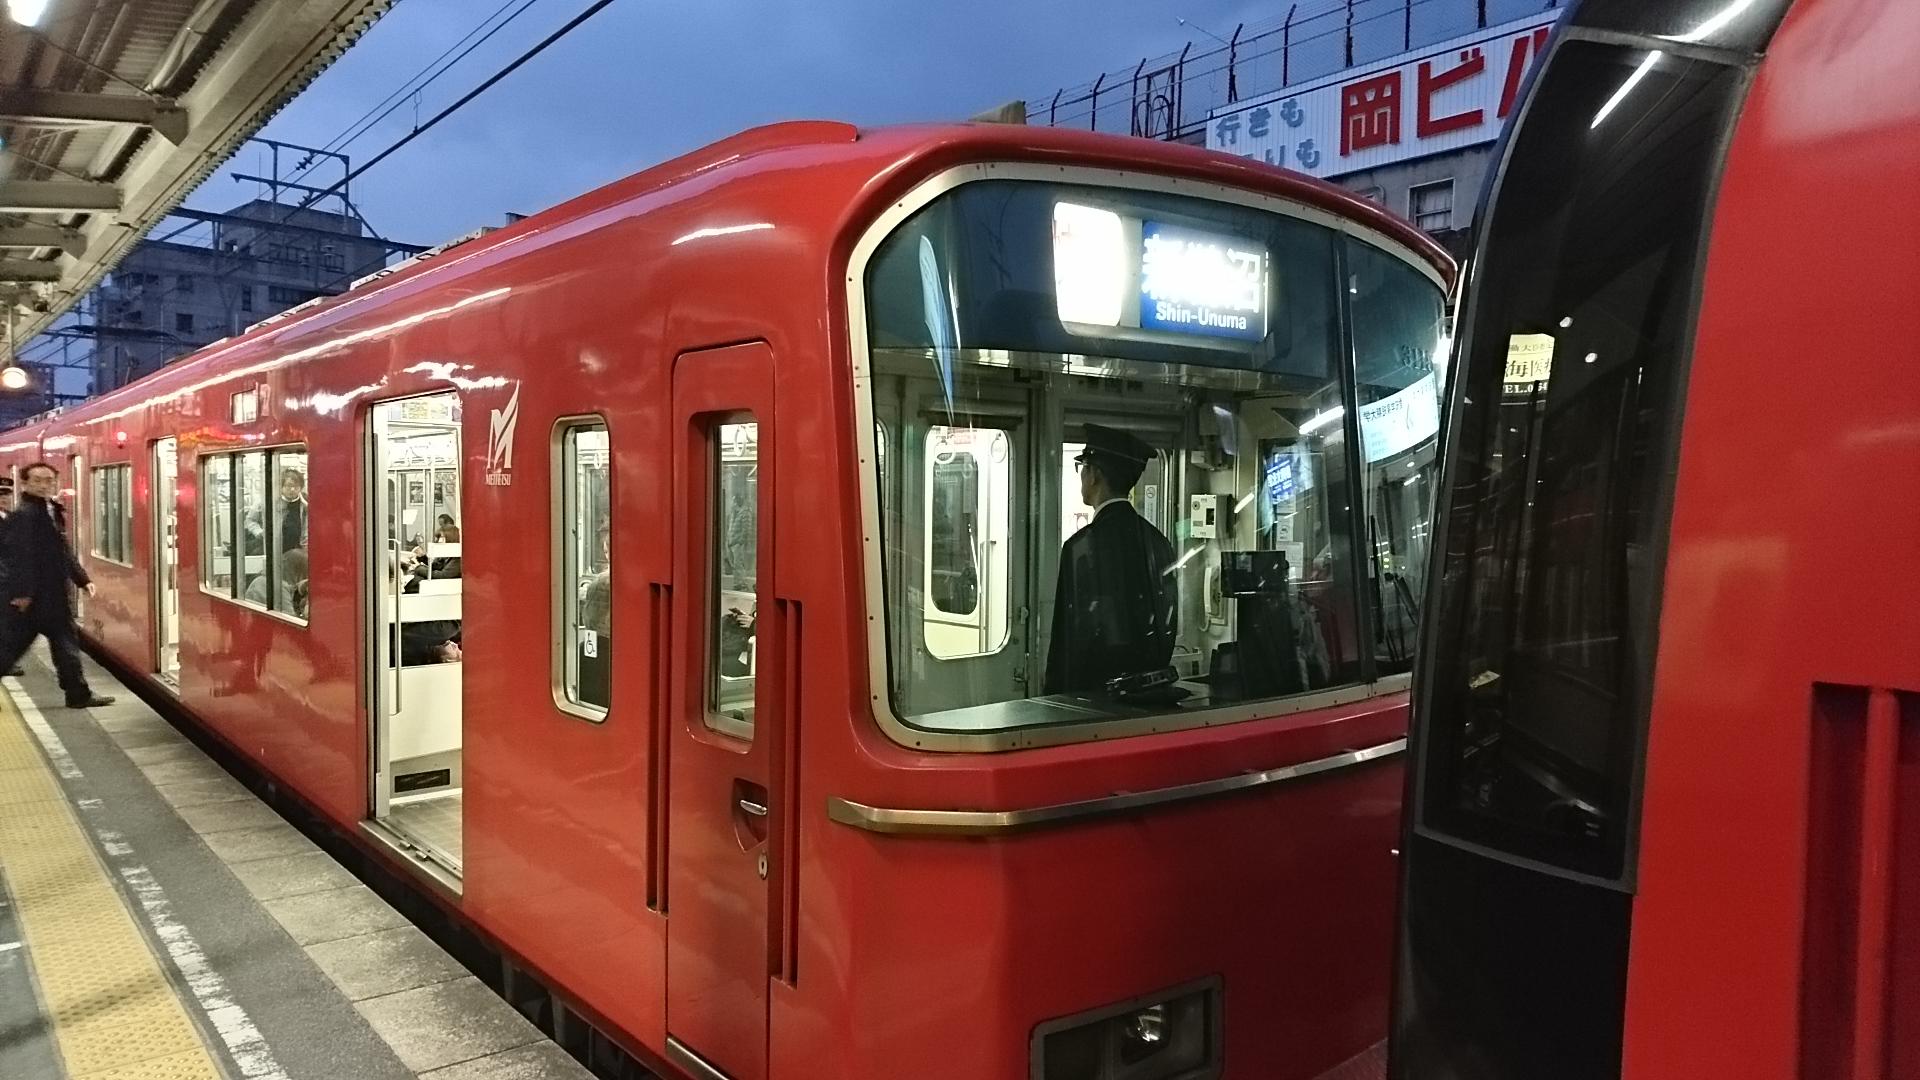 2016.12.9 (2) 東岡崎 - 新鵜沼いき快速特急(2202)